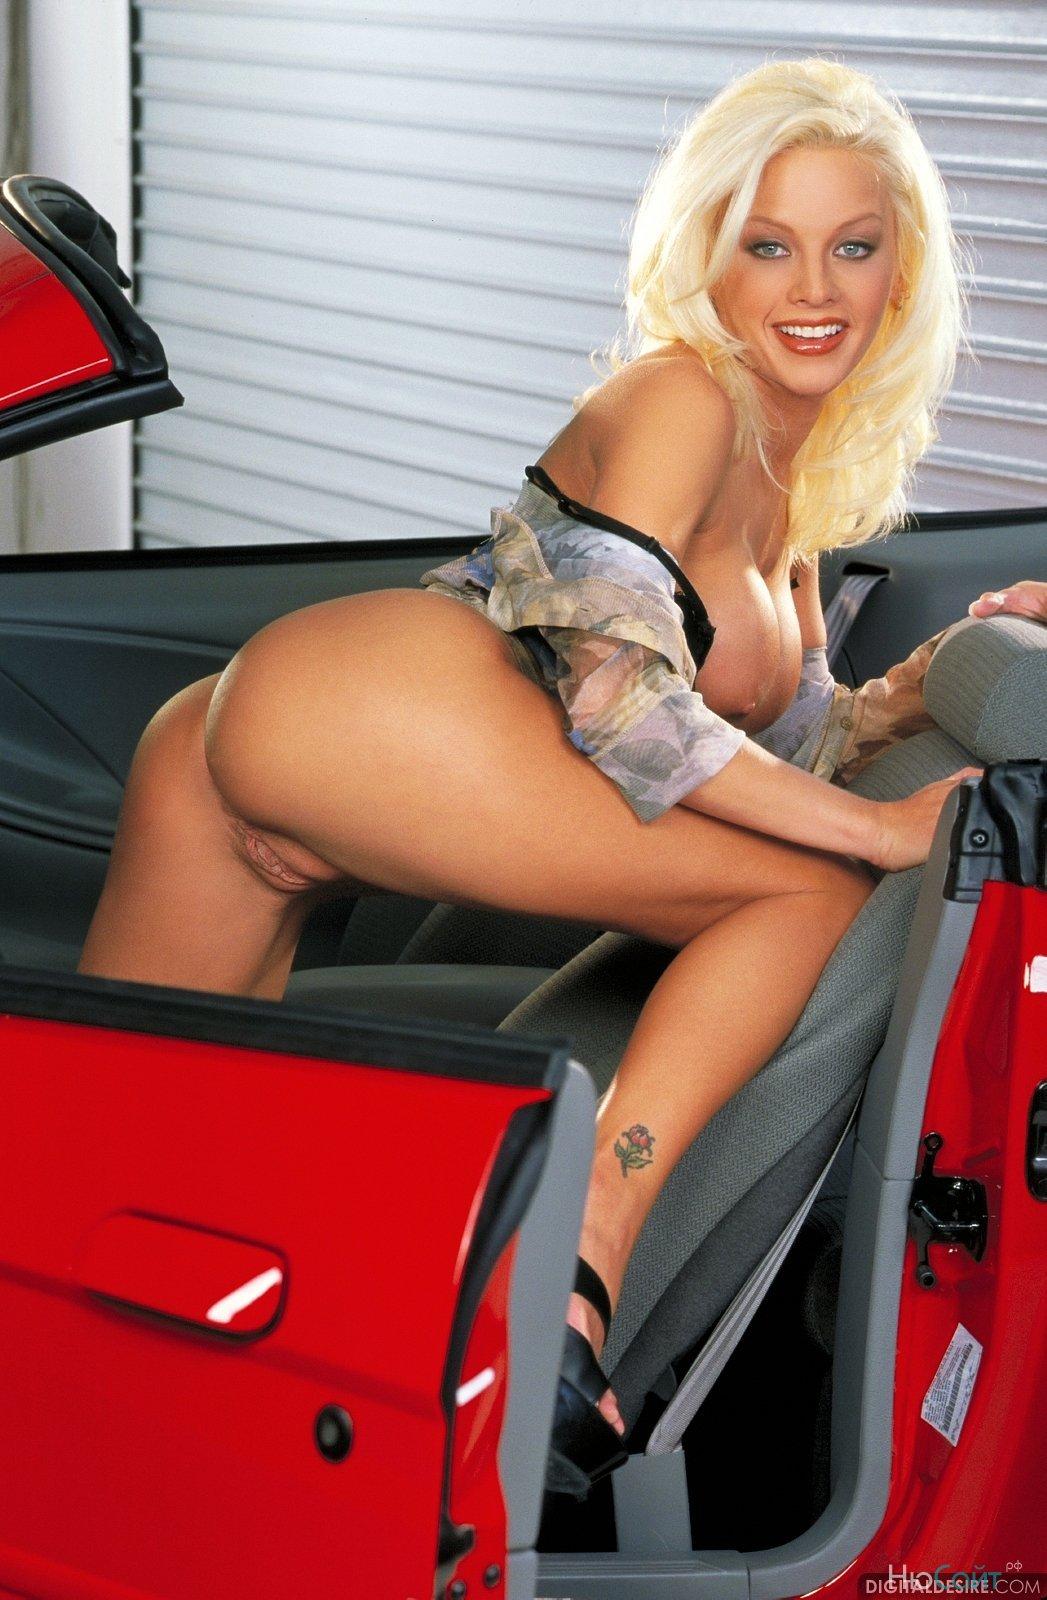 Голые горячие девушки  эротические фото горячих голых девушек